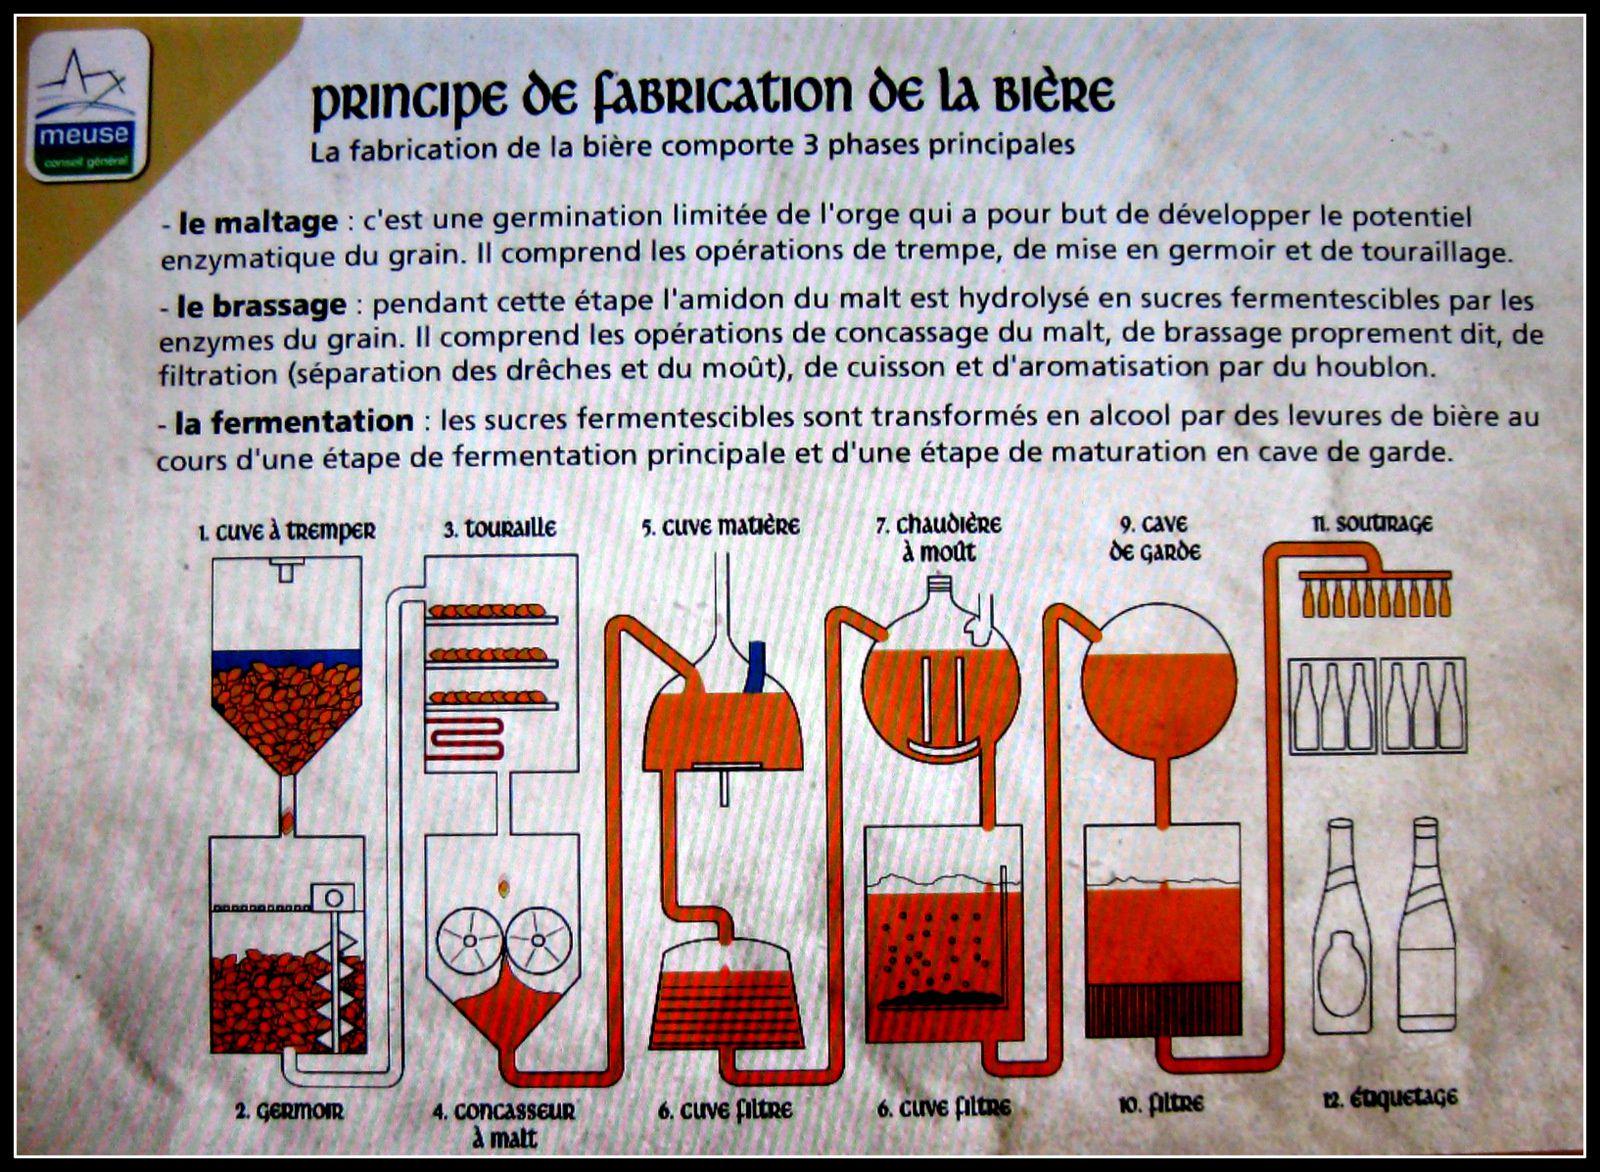 Musée de la Bière de Stenay, refroidissement, brassage etc...